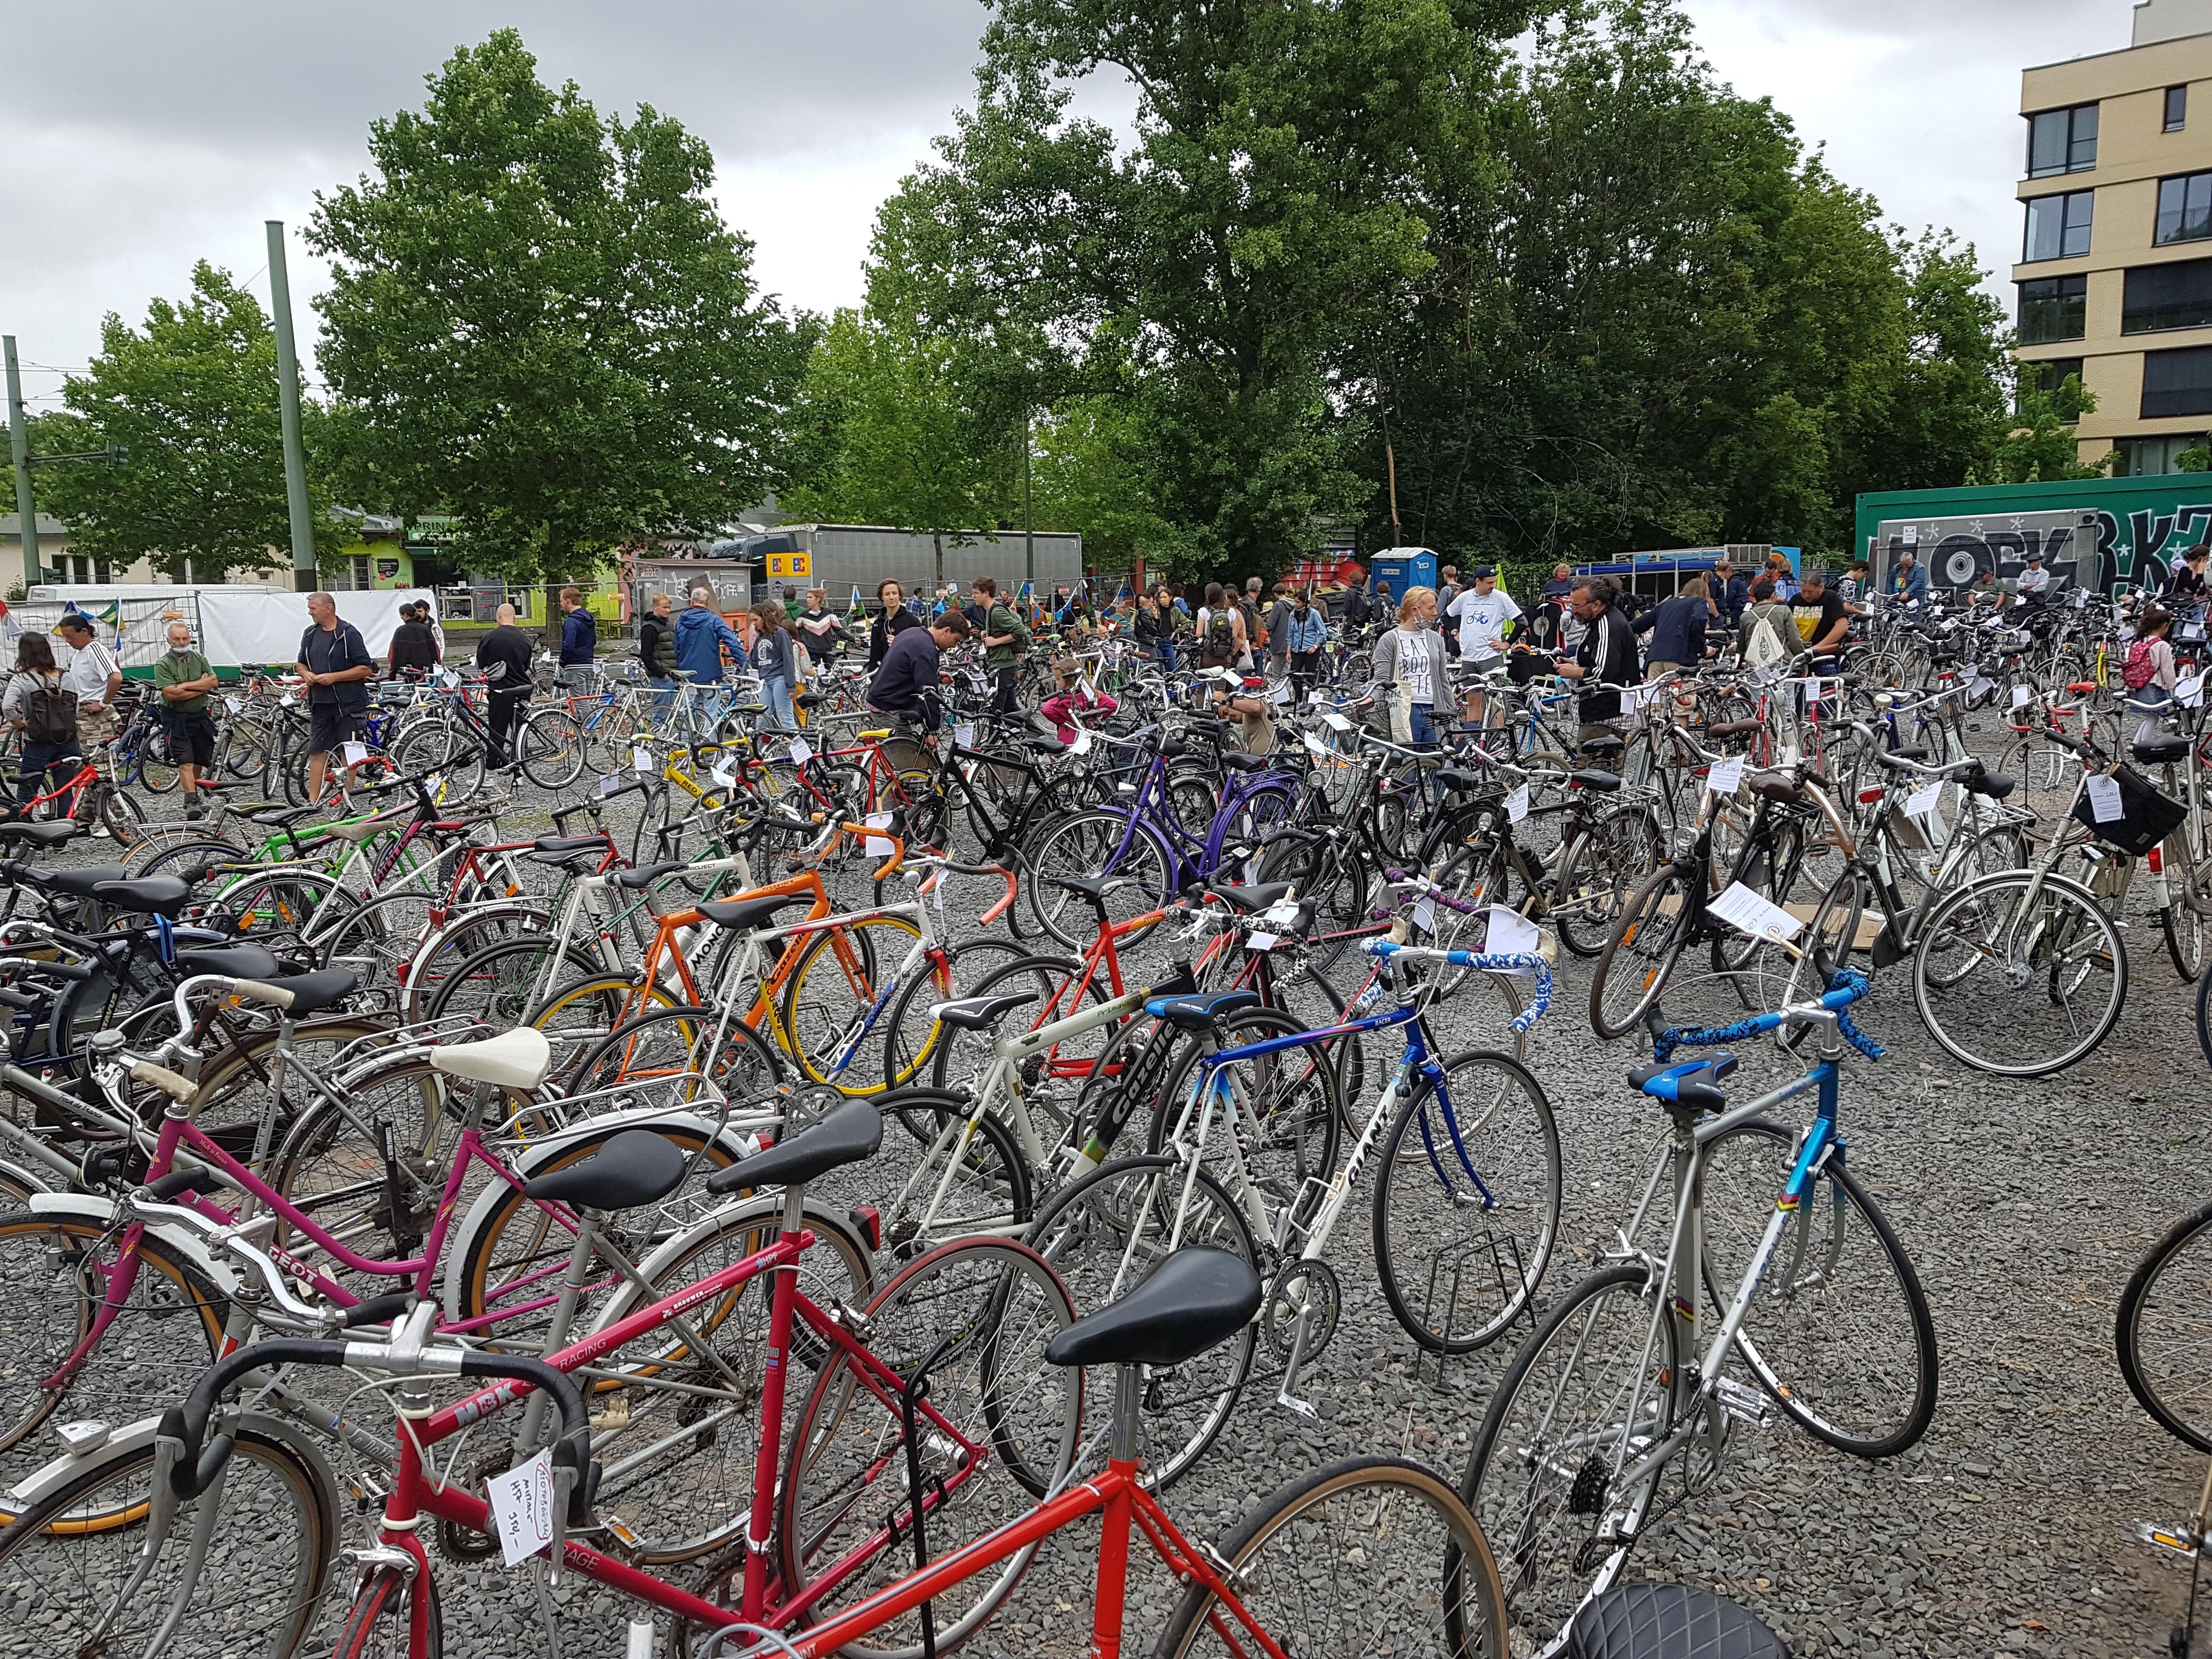 Fahrradmarkt Prenzlauer Berg - Neue & gebrauchte Fahrräder Berlin günstig kaufen - Juni 2020 - 04